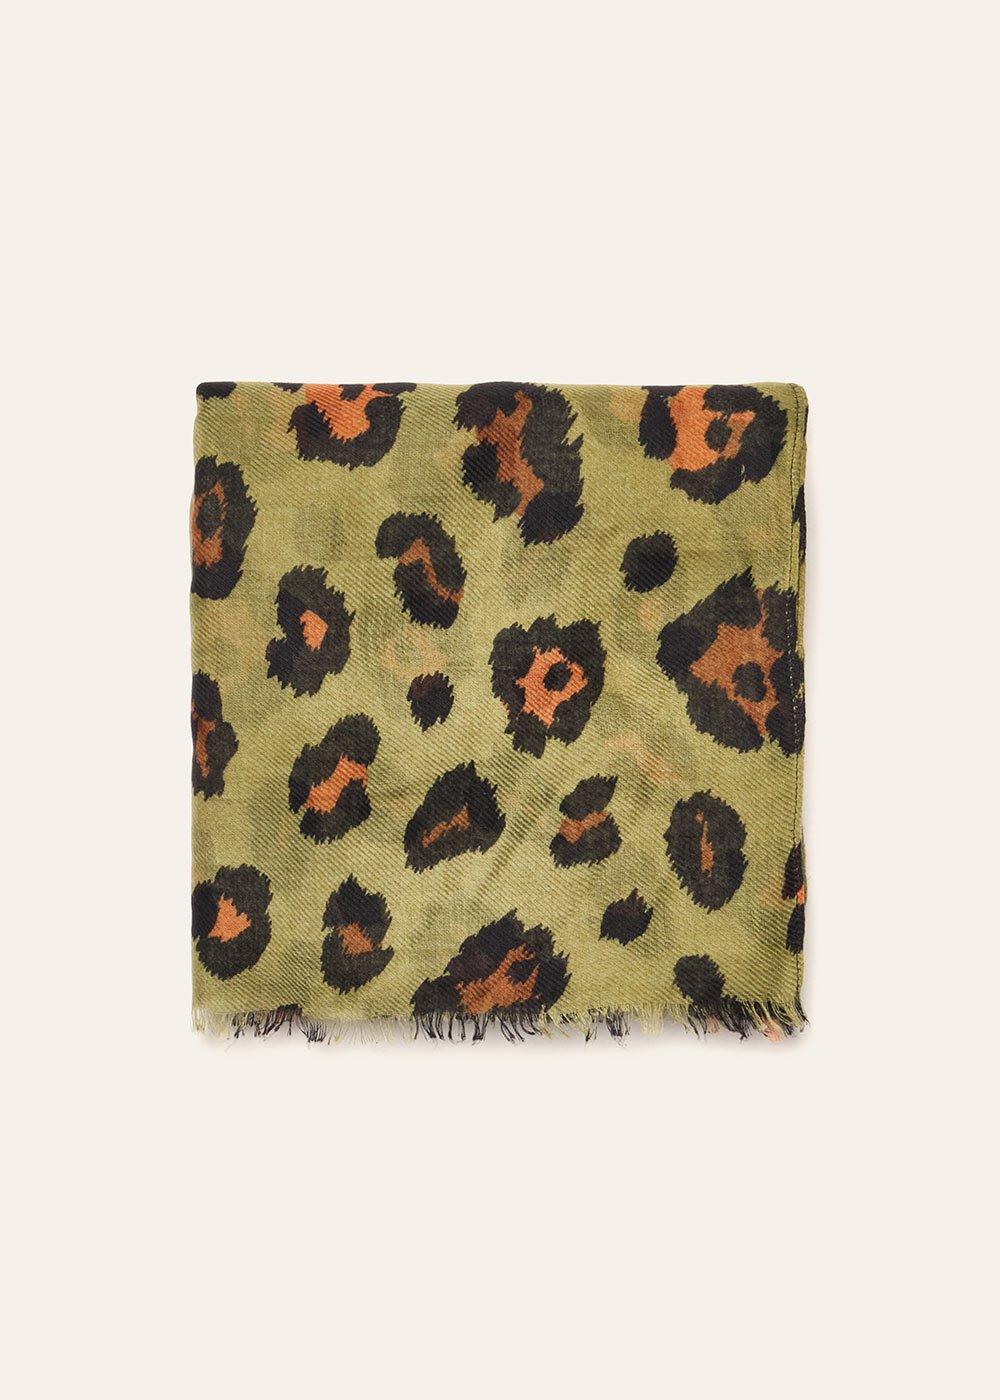 Sciarpa Sheren in cotone stampa animalier - Kaki Animalier - Donna